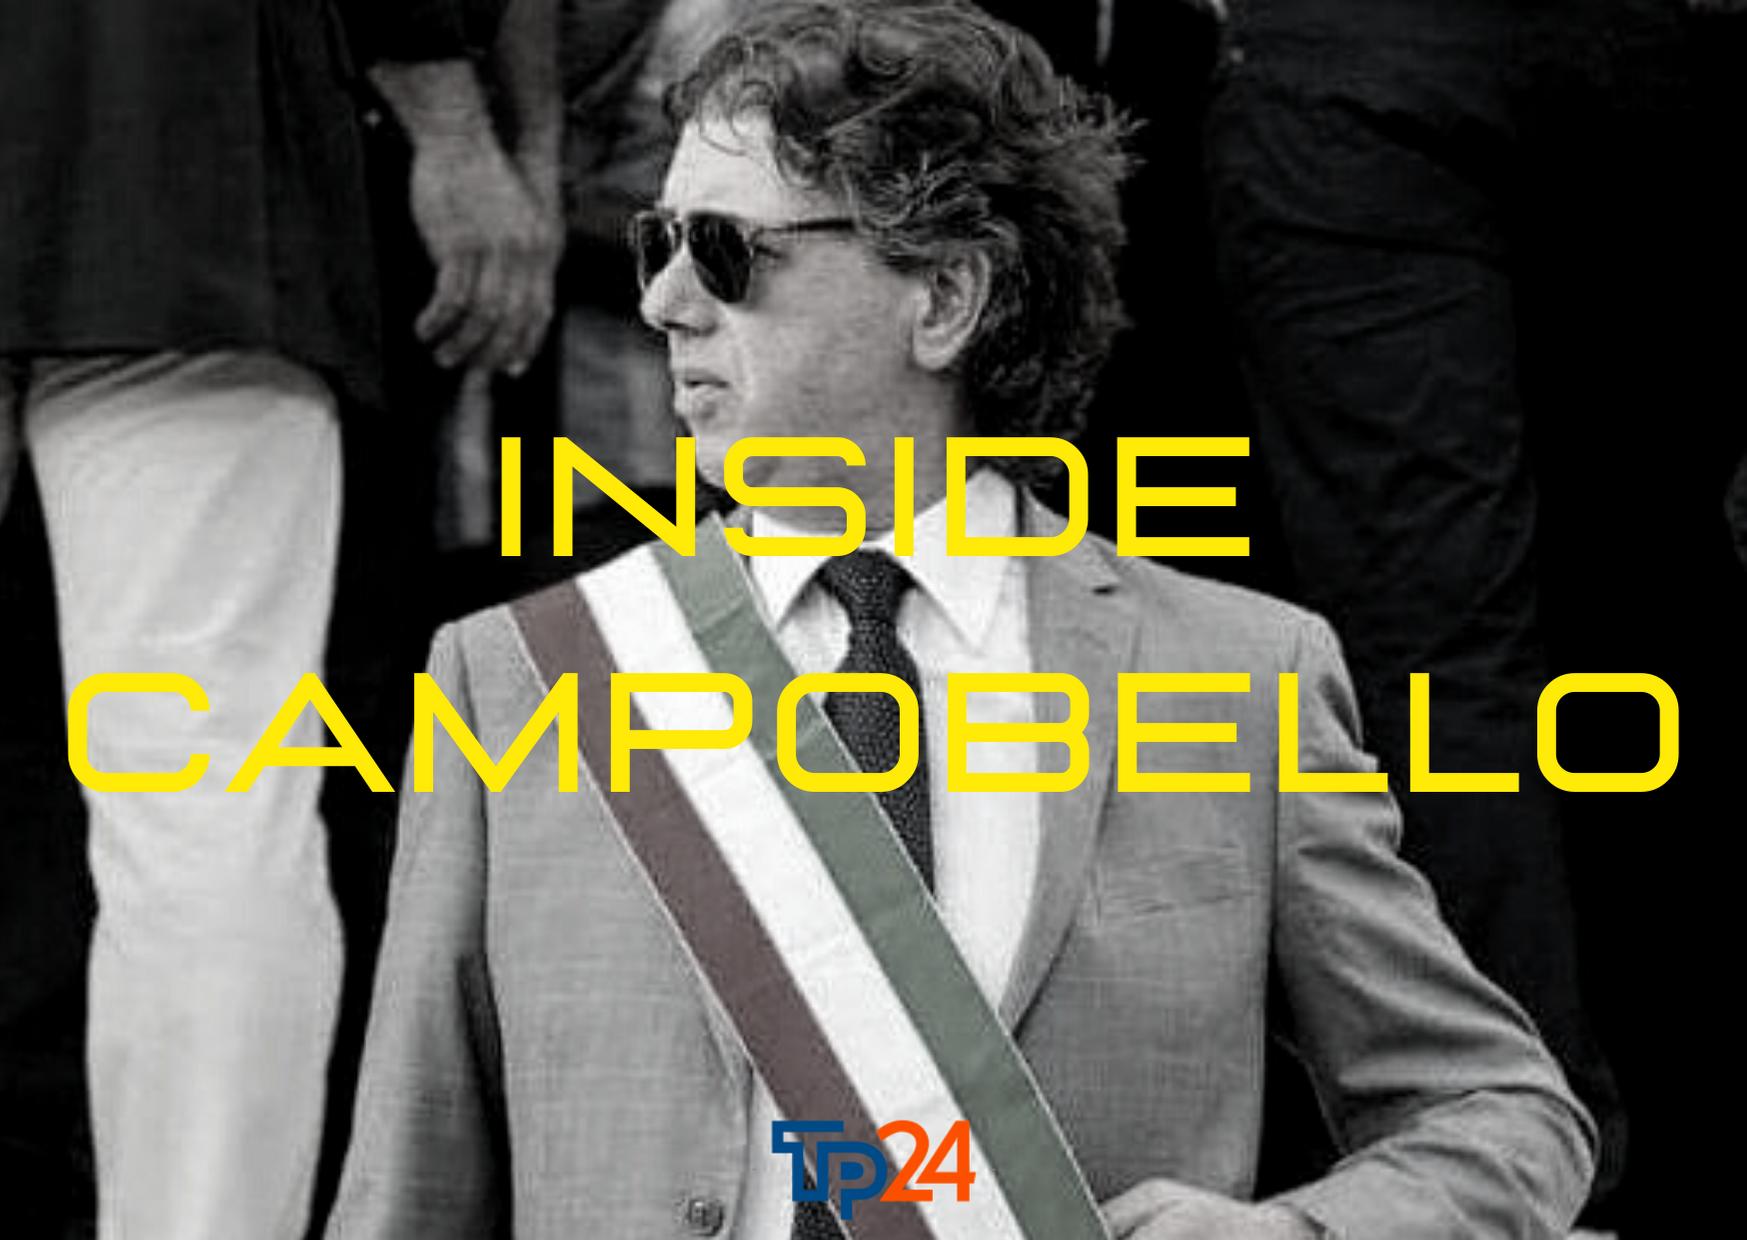 Inside Campobello/4. Così Ruggirello e i mafiosi volevano Castiglione sindaco